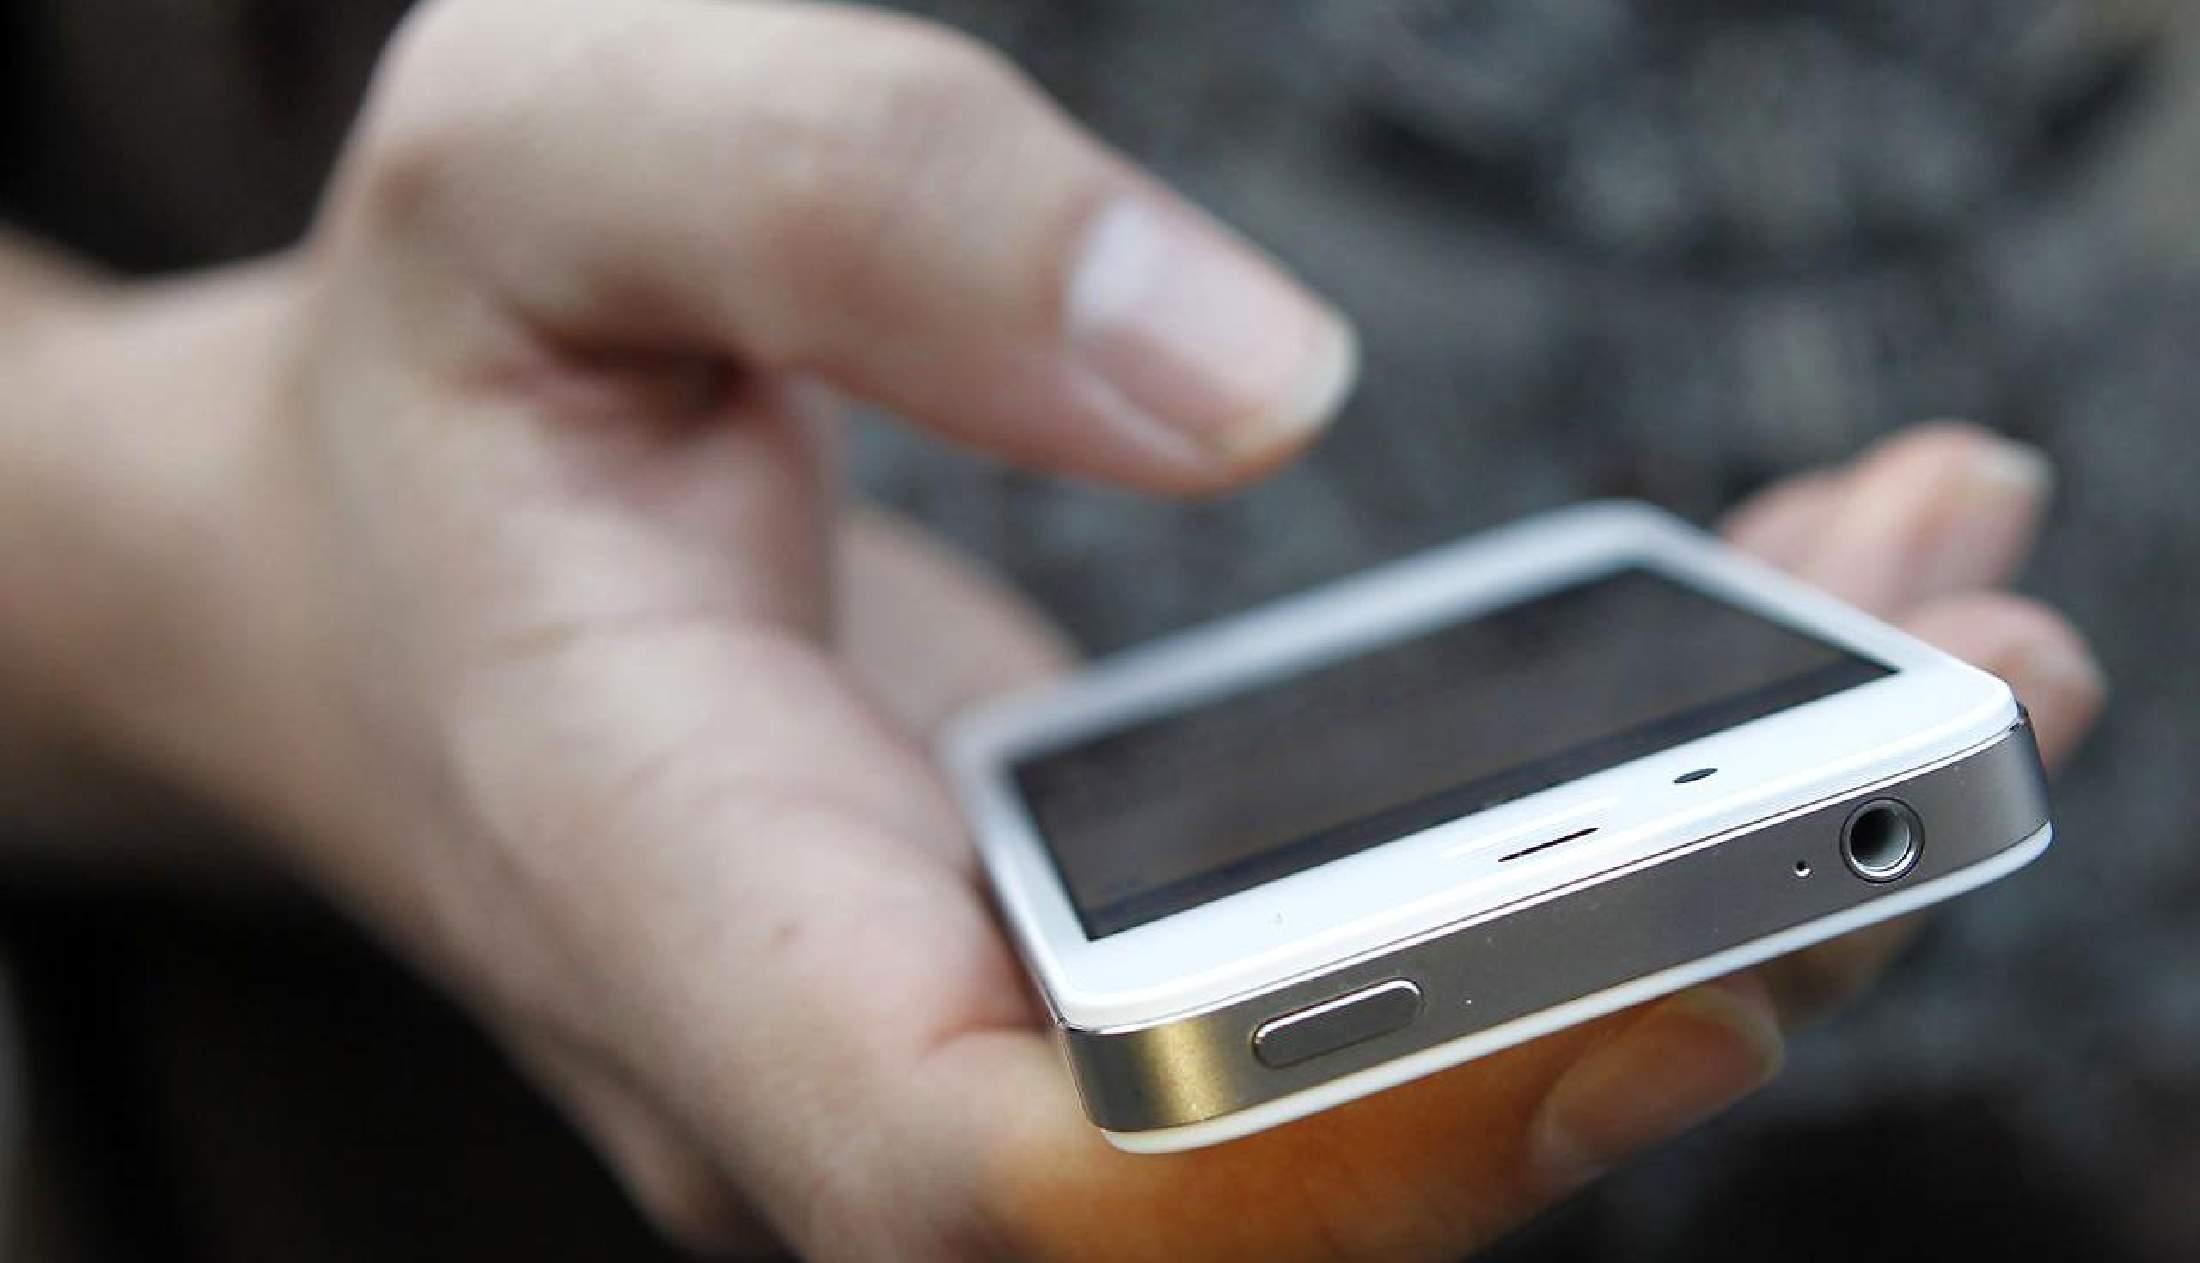 Фото с украденных мобильных телефонов 13 фотография